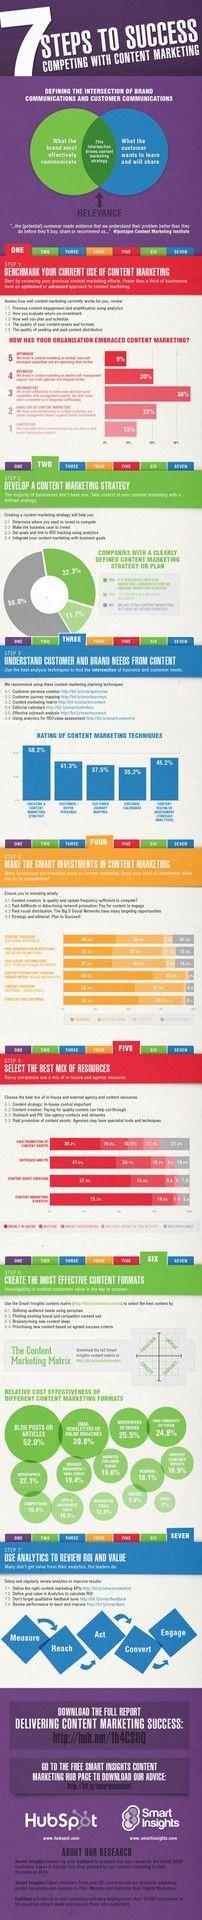 7 étapes pour réussir avec le marketing de contenu via Competing With Content Marketing: 7 Steps to Success